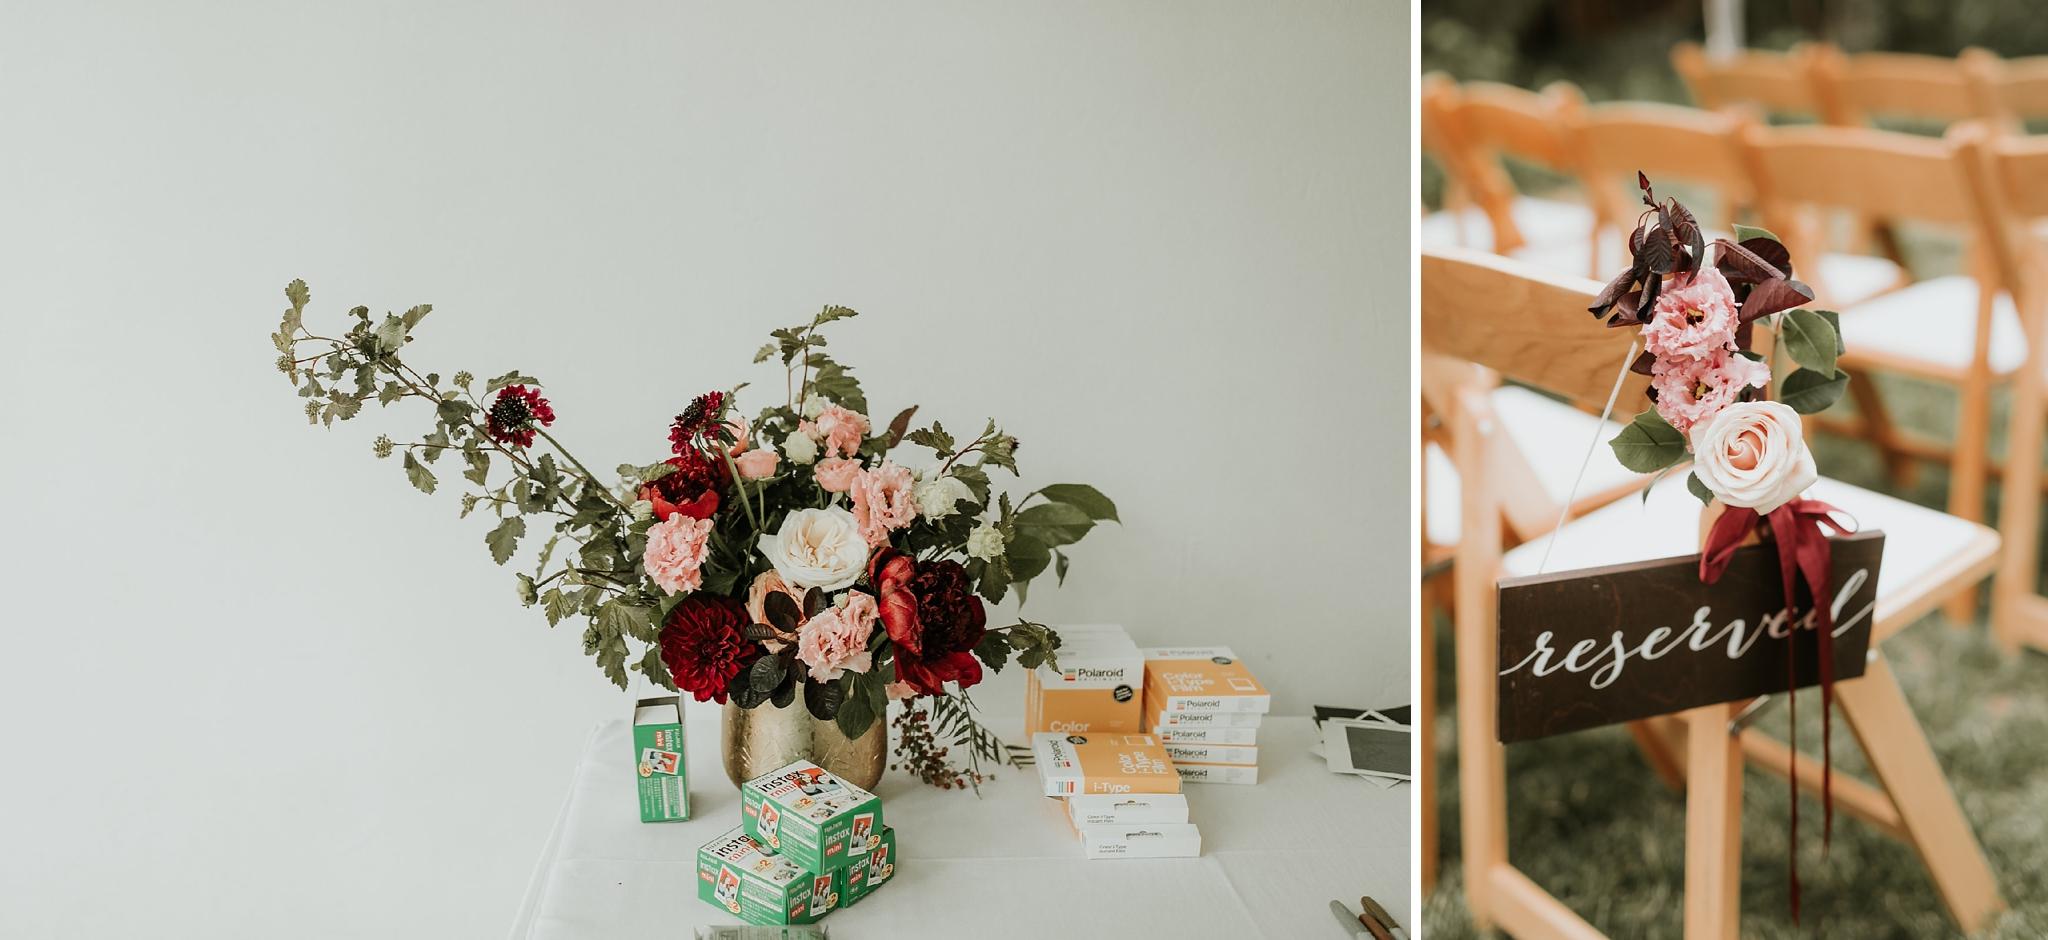 Alicia+lucia+photography+-+albuquerque+wedding+photographer+-+santa+fe+wedding+photography+-+new+mexico+wedding+photographer+-+new+mexico+wedding+-+new+mexico+florist+-+floriography+flowers+-+floriography+flowers+new+mexico+-+wedding+florist_0045.jpg